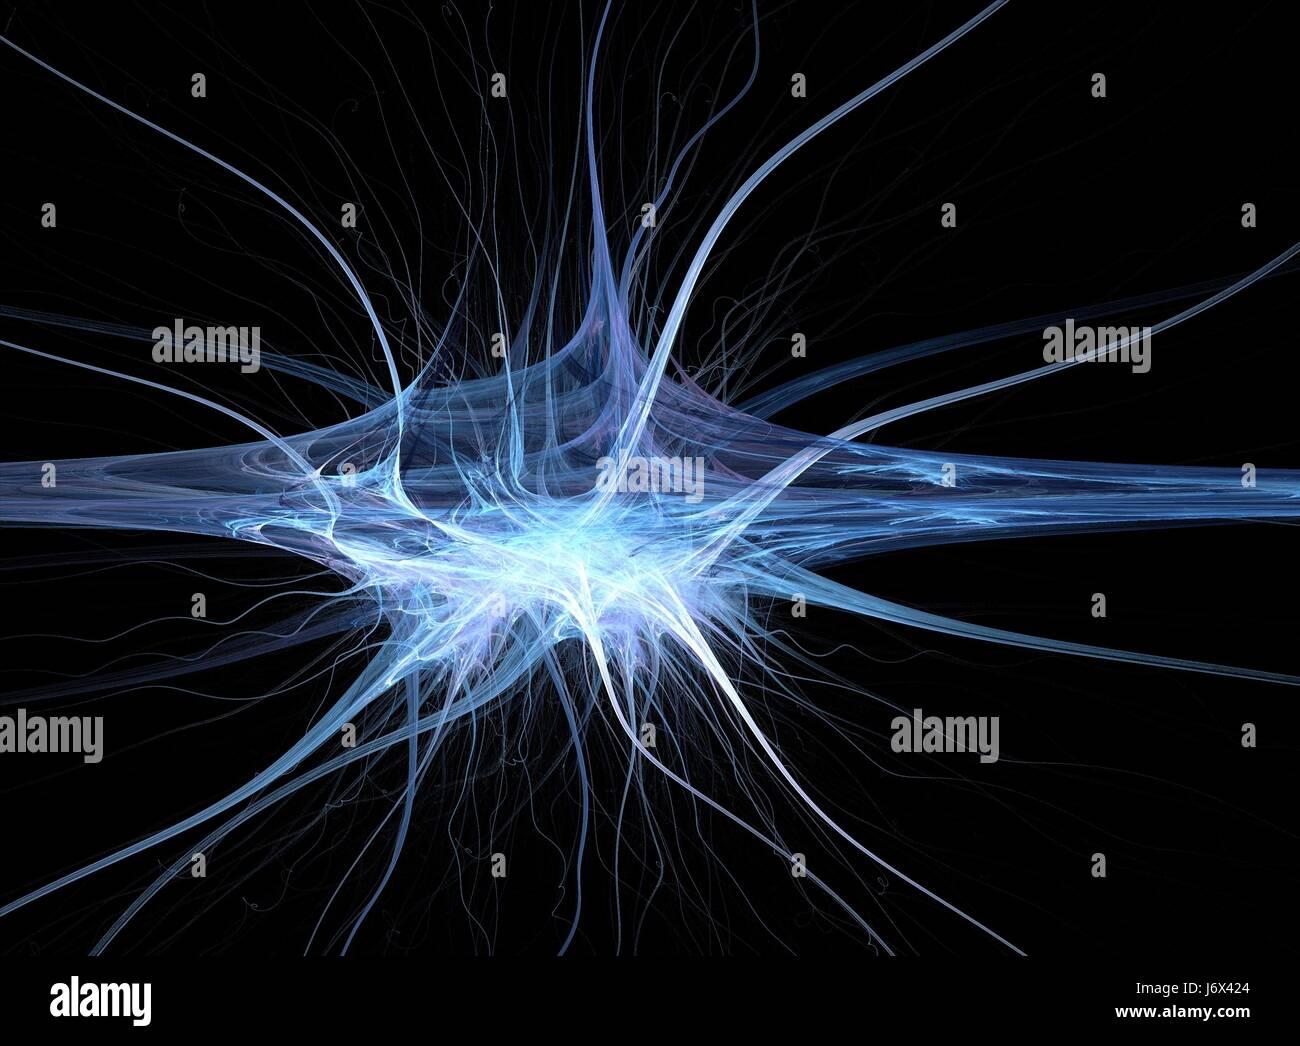 El caos de células nerviosas cerebrales anatomía fractal abstracto ...